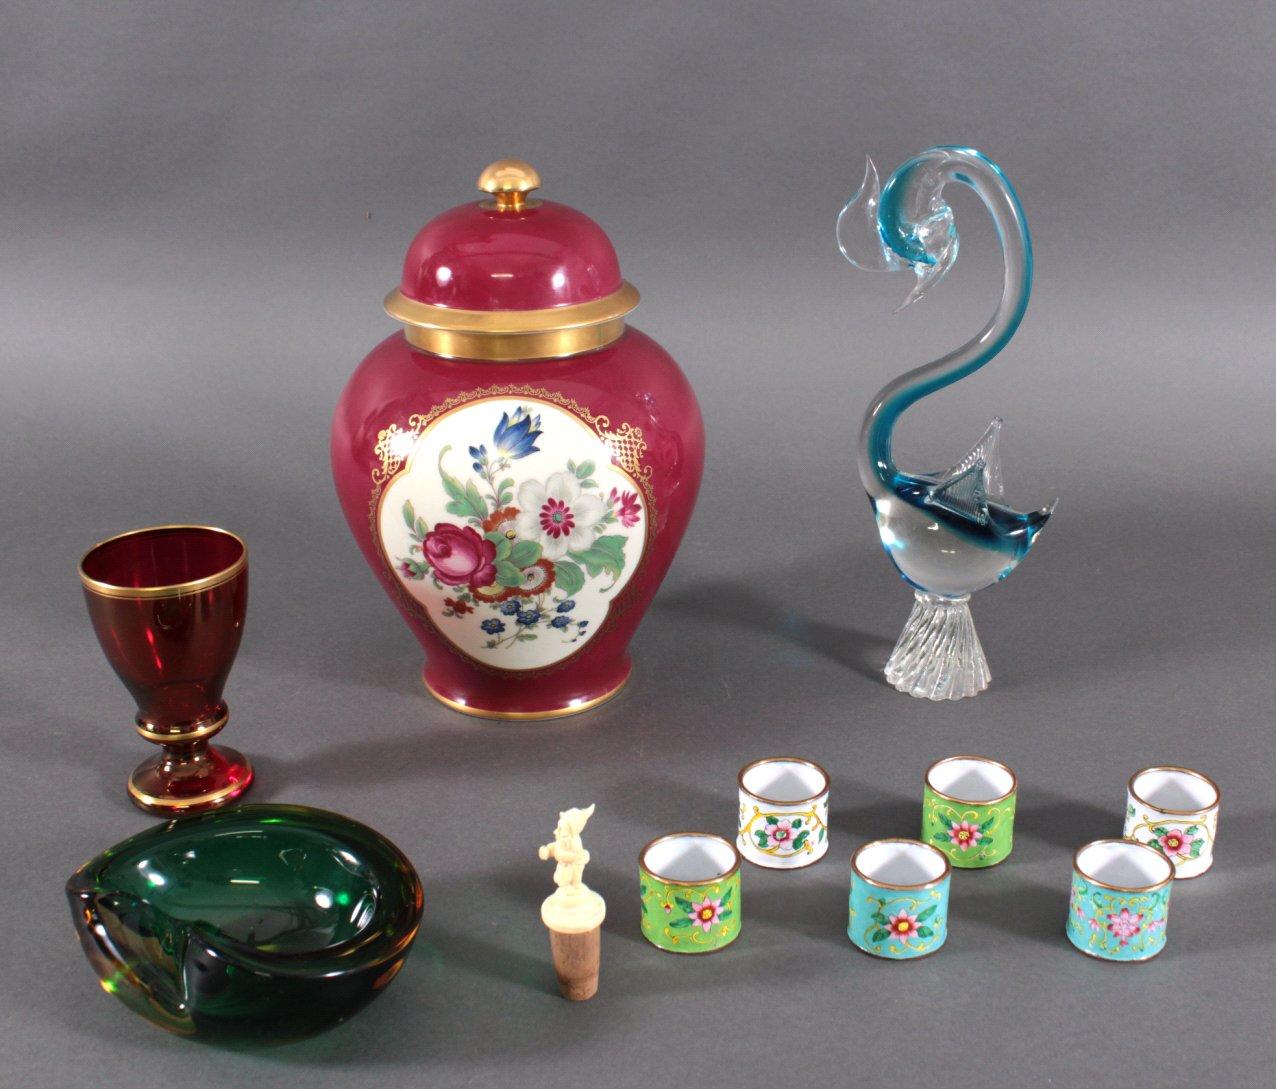 Dekorationsgegenstände aus Glas und Porzellan. 11-Teile